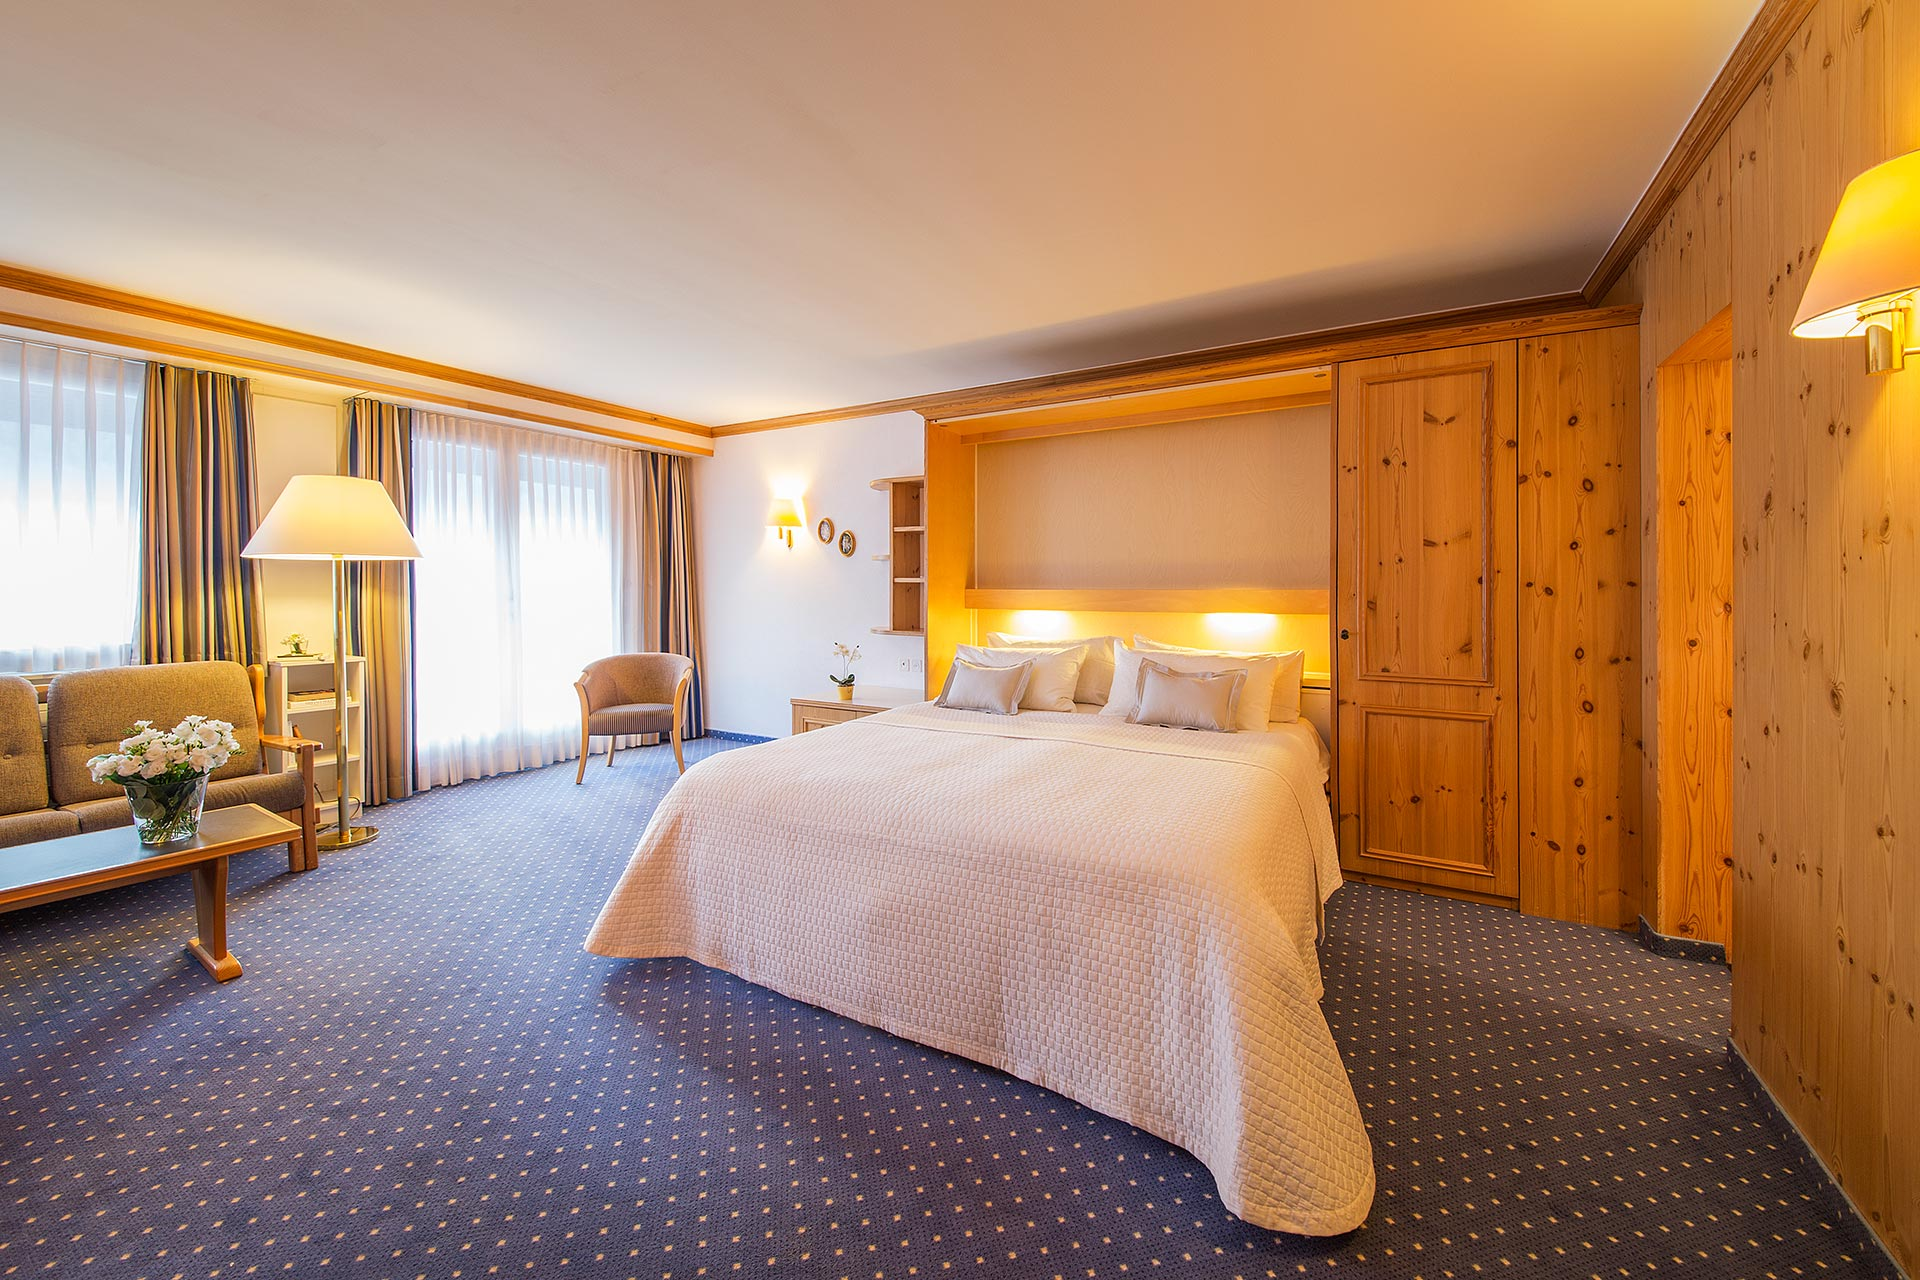 Zimmer, Preise & Dienstleistungen | Hotel Europa St. Moritz ...